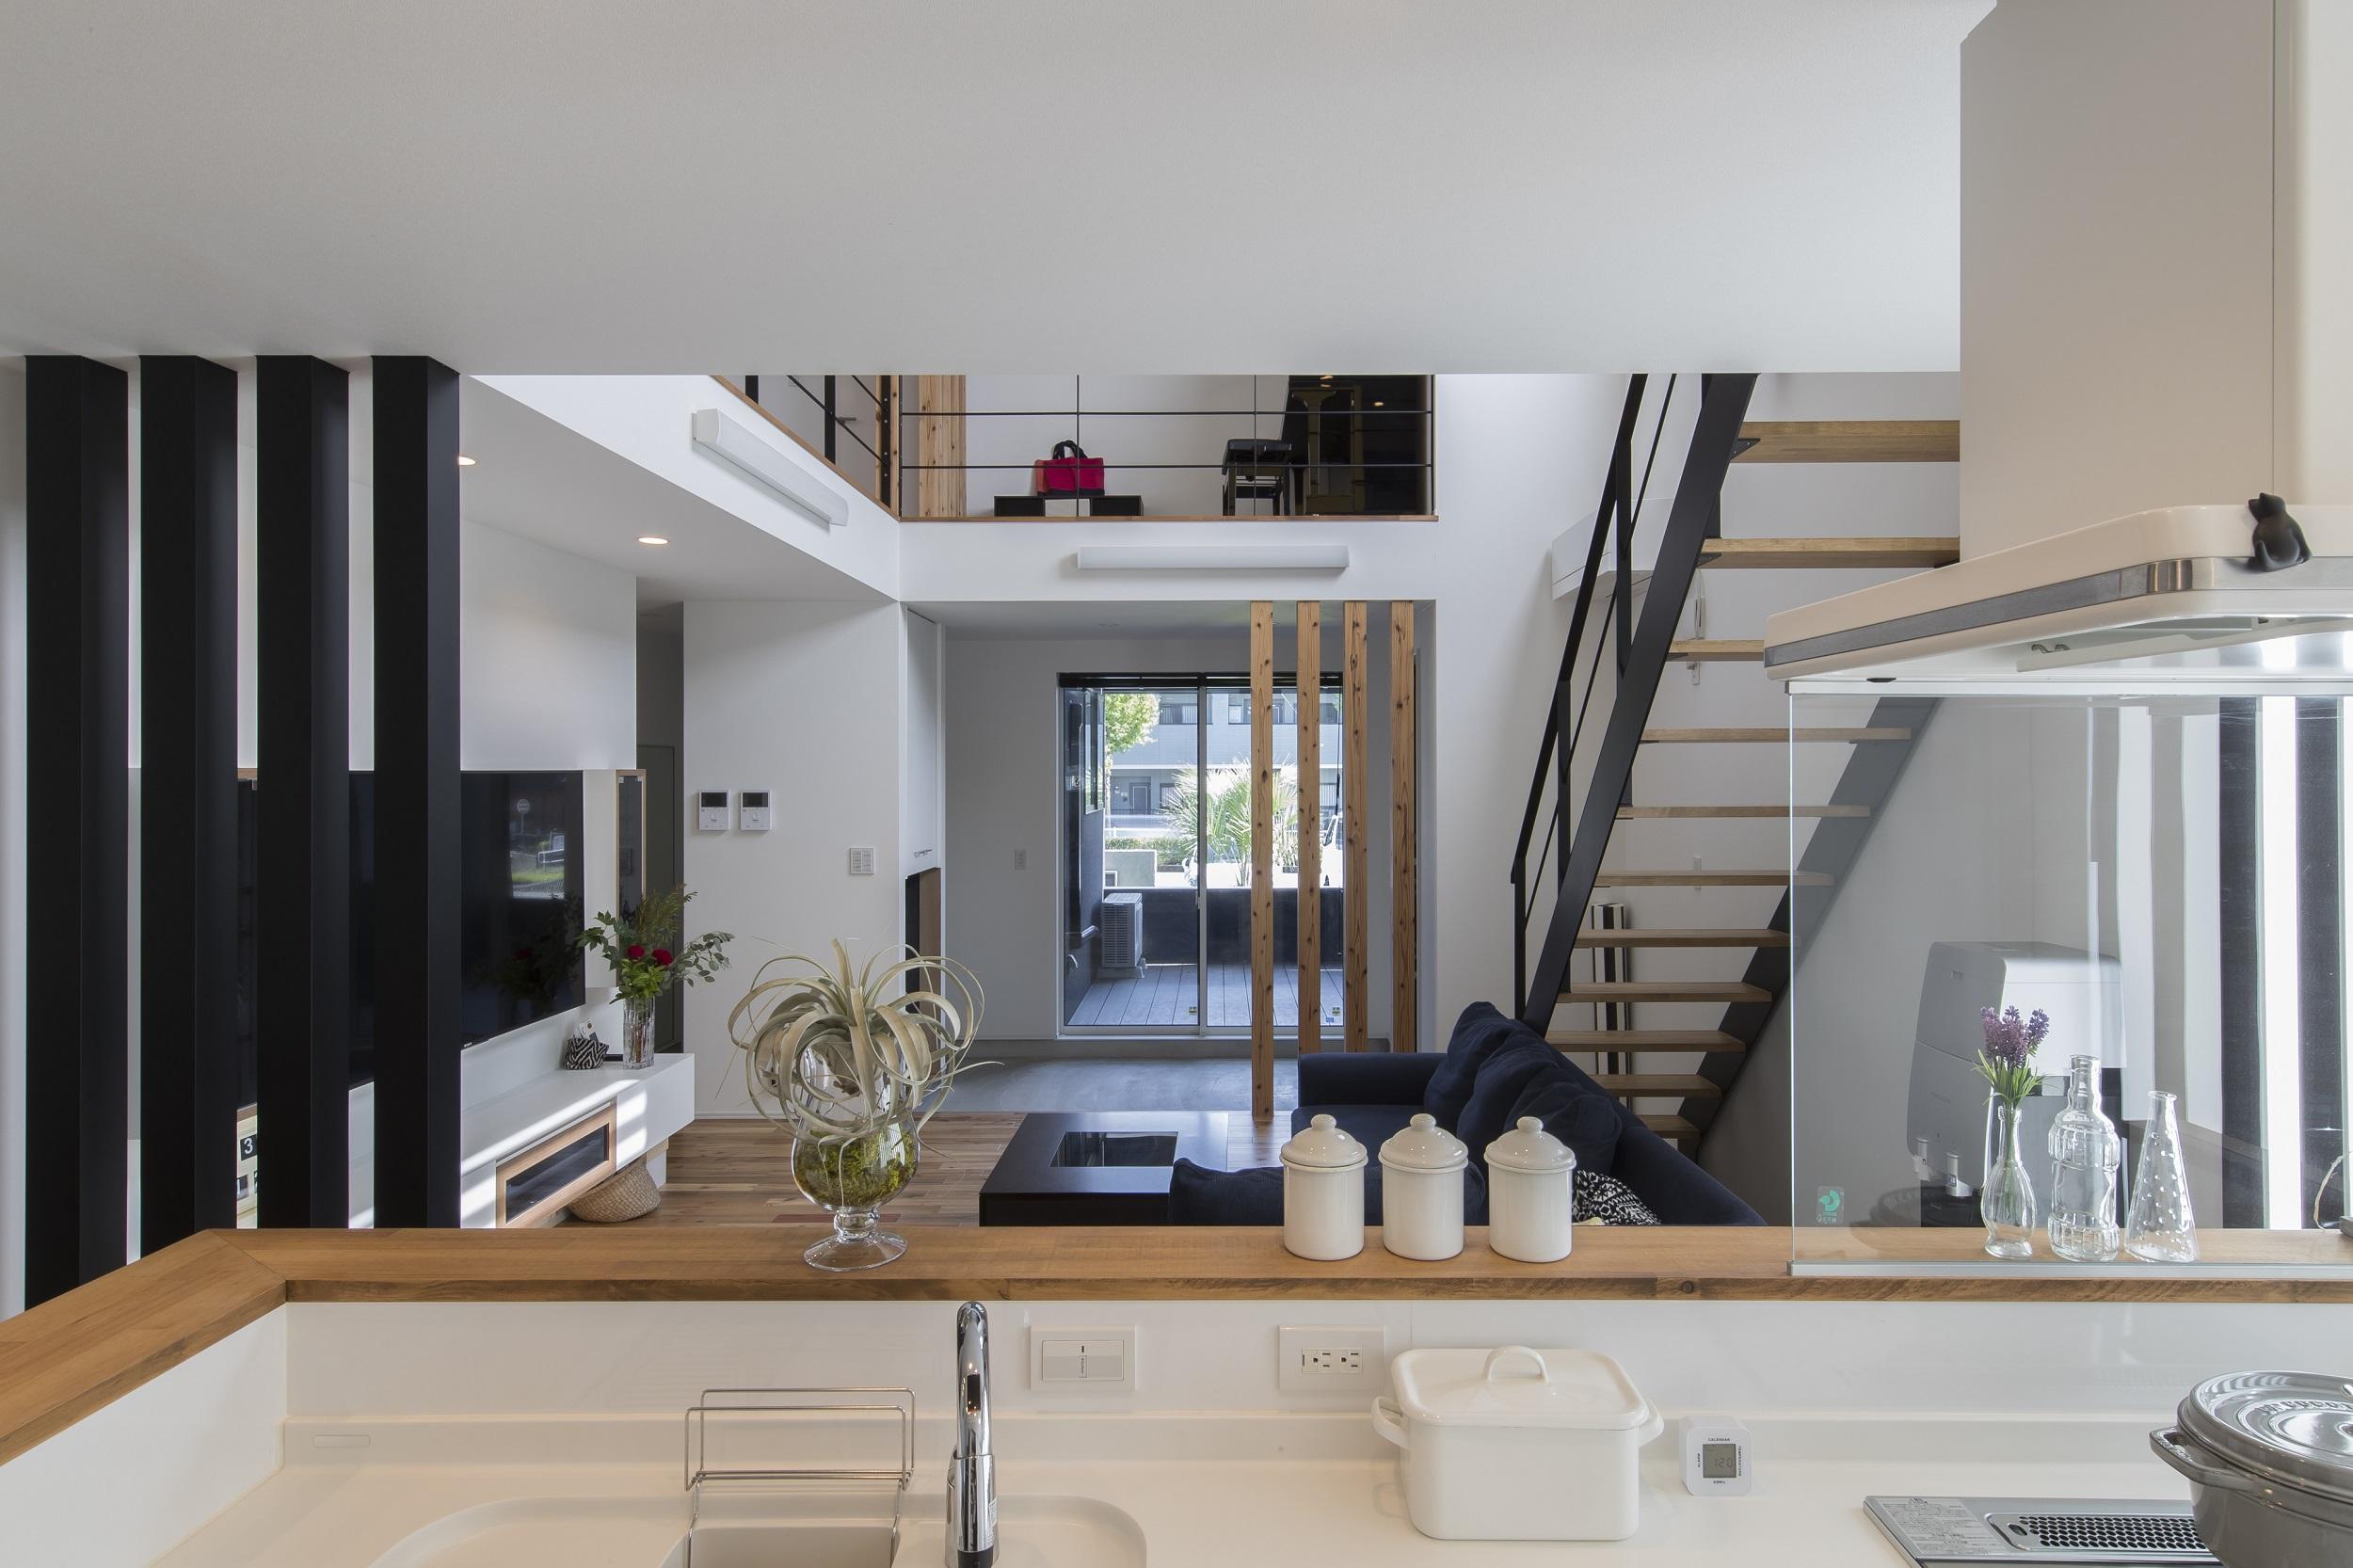 S.CONNECT(エスコネクト)【デザイン住宅、子育て、建築家】キッチンに立つと、土間やテラスで遊ぶ様子はもちろん、2階でピアノを練習する様子まで見渡せる。「どこにいても子どもの様子がよくわかるんです」と嬉しそうな奥さん。吹抜けが上下階をつなぎ、のびやかな空間が広がる